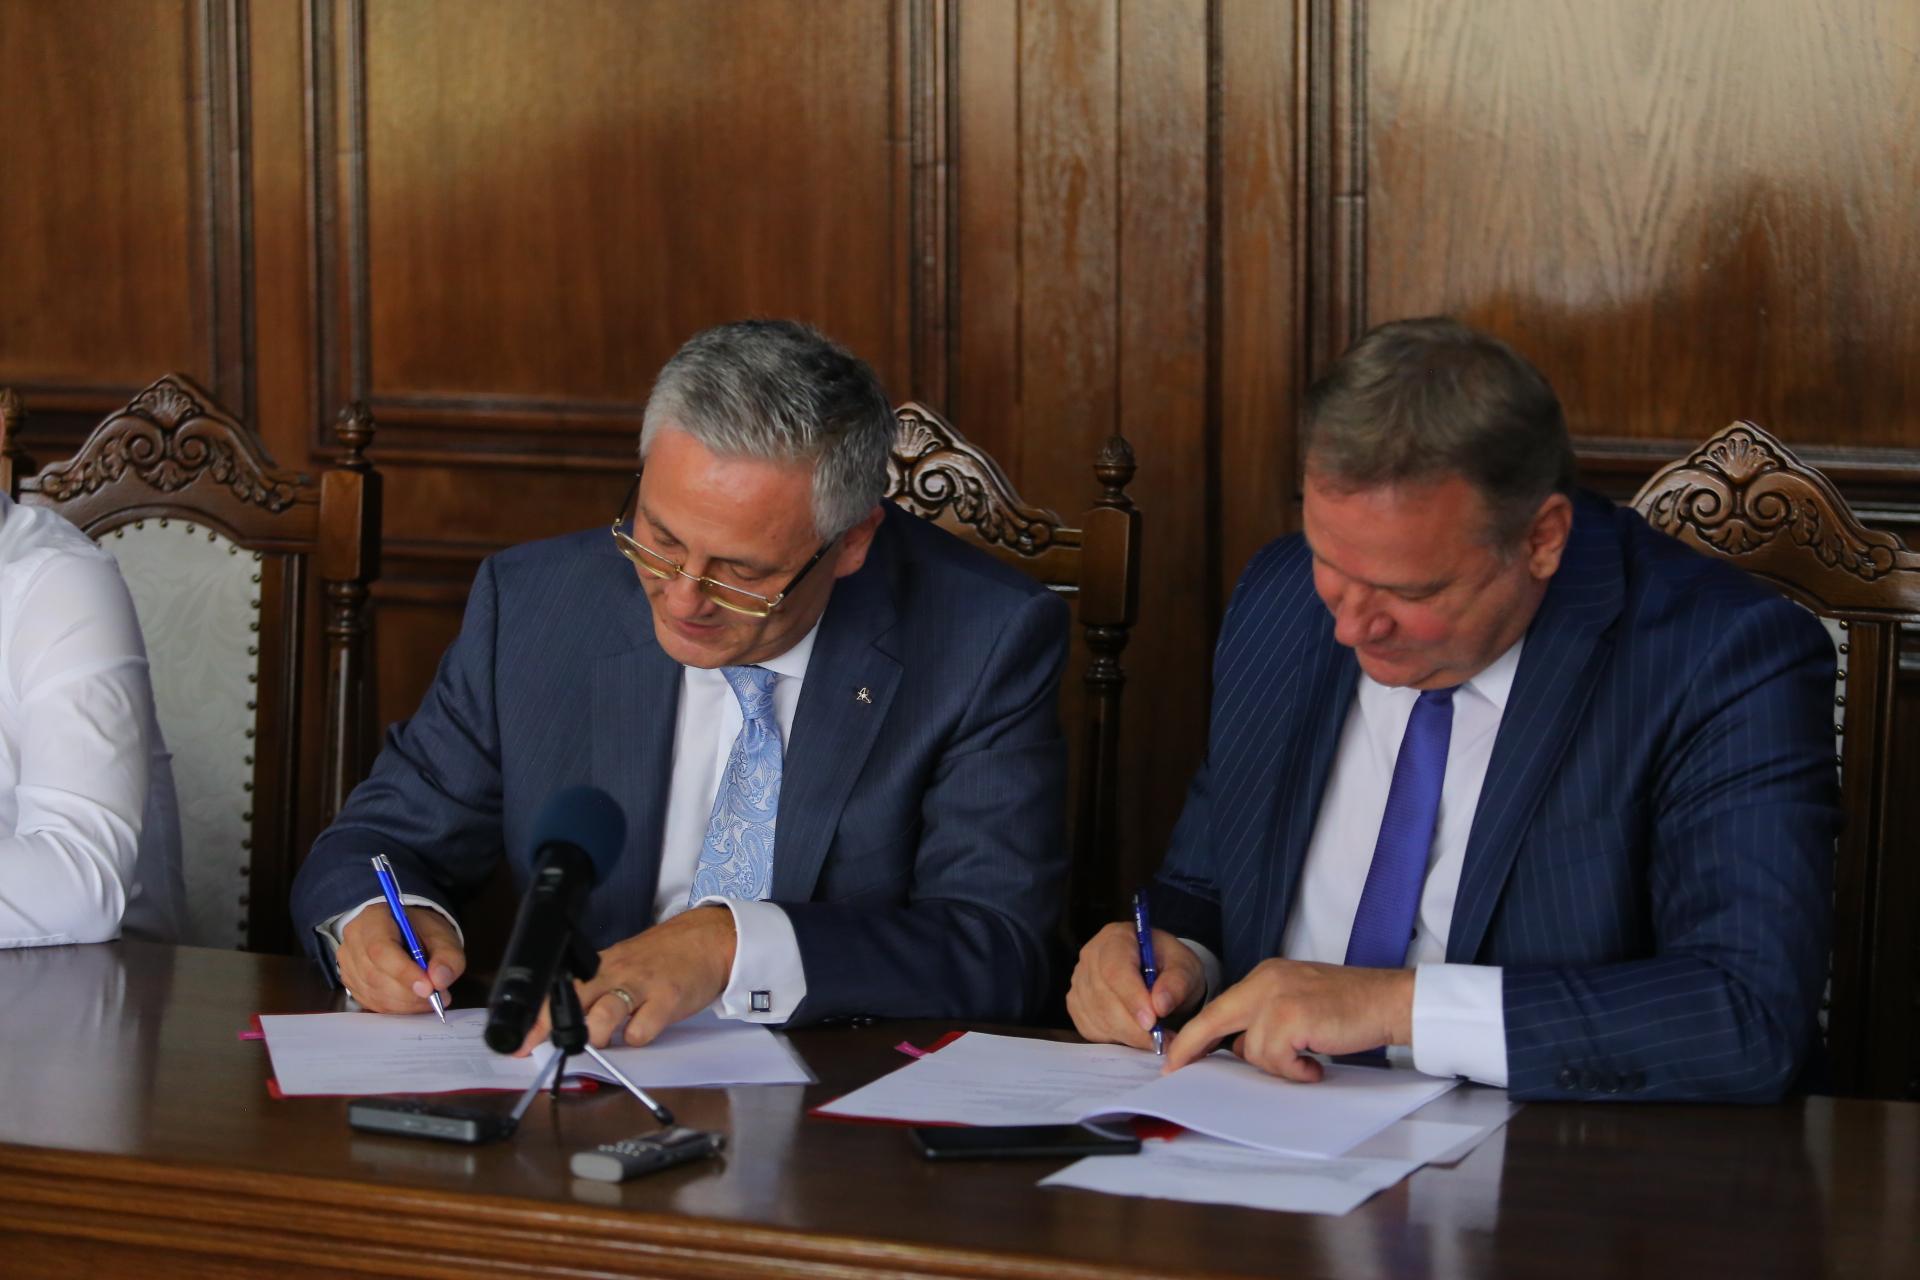 Finanțare europeană din Regio pentru reabilitarea termică a Spitalului Județean de Urgență Călărași